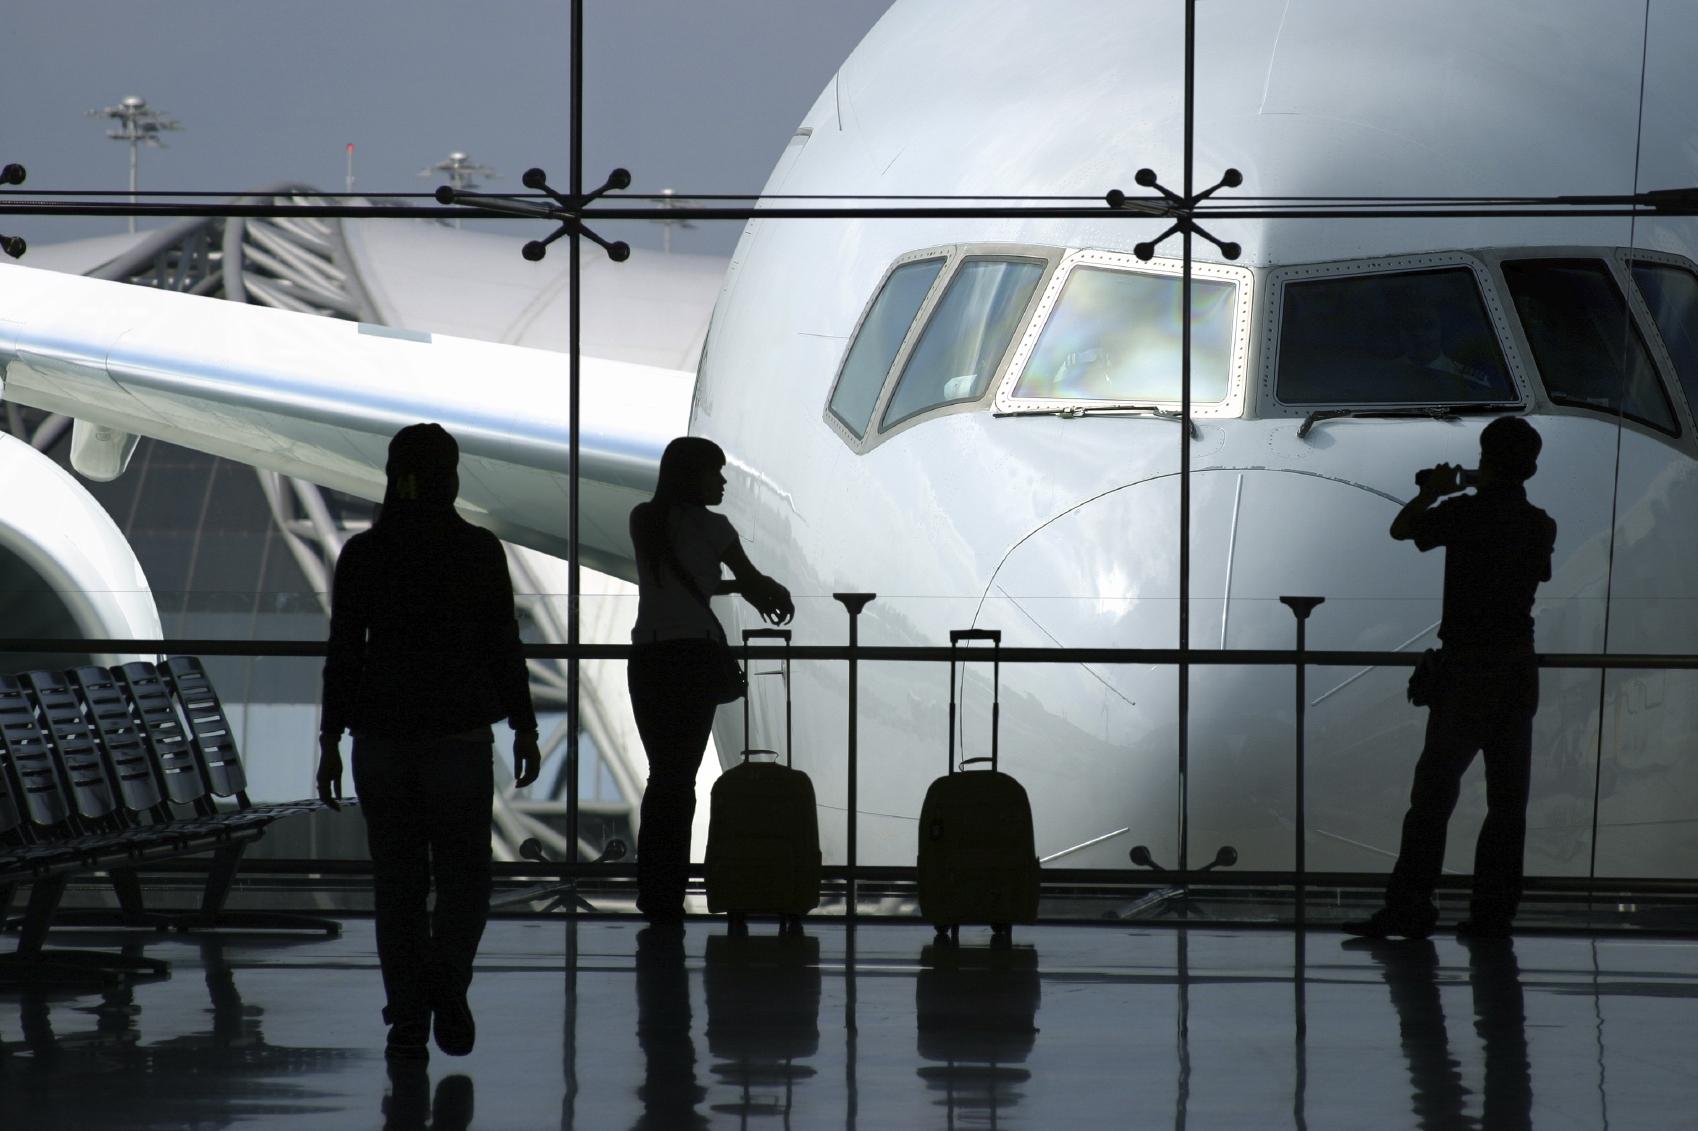 Raport: Pasażer w reklamowej podróży reklamy airport coworking